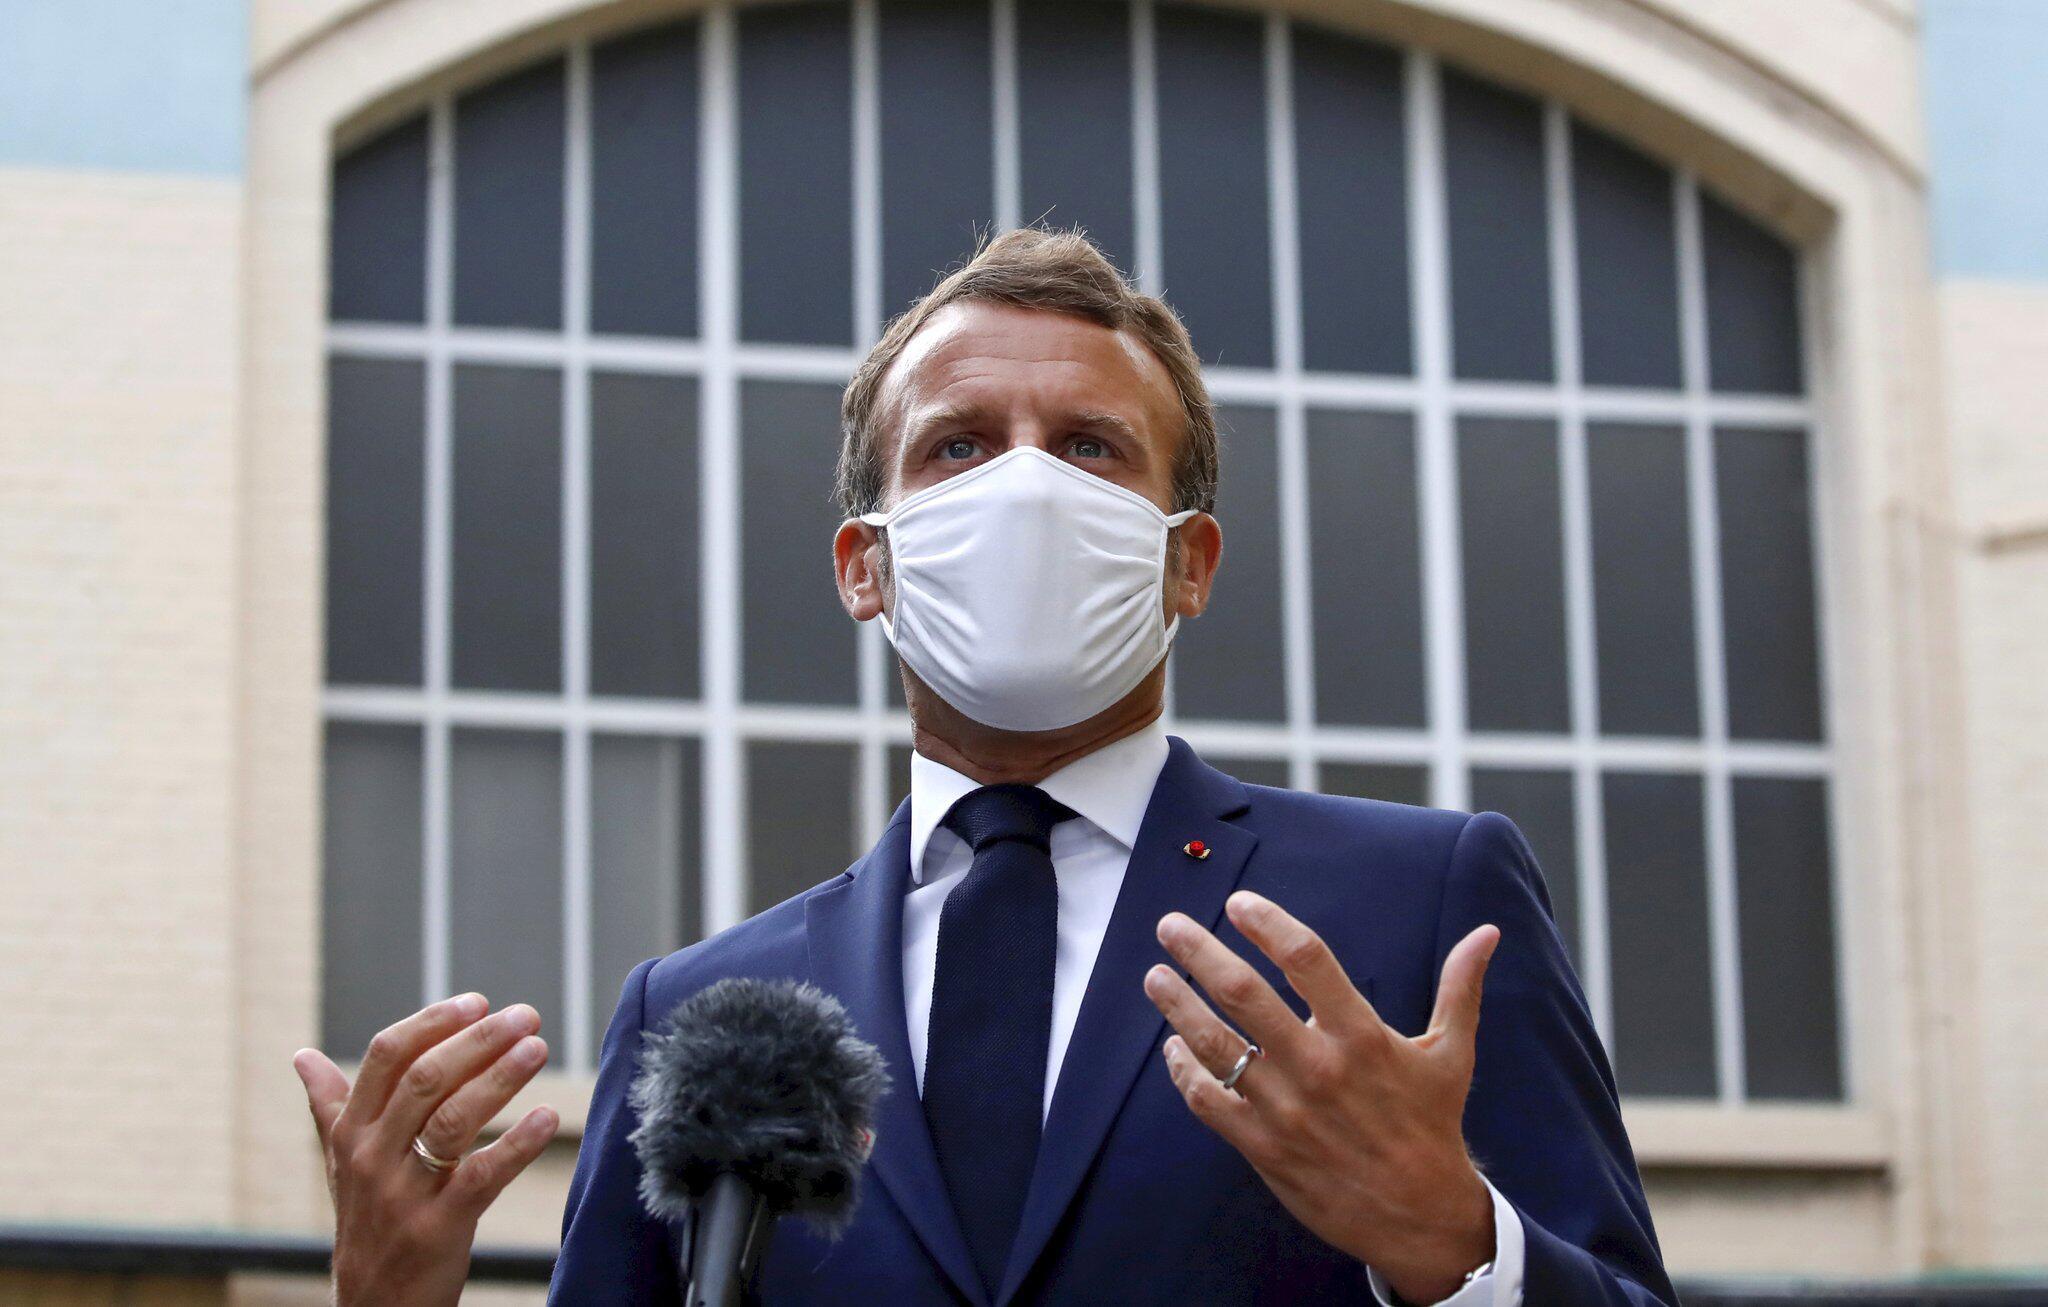 Corona-Situation in Frankreich verschärft sich   Brennpunkte